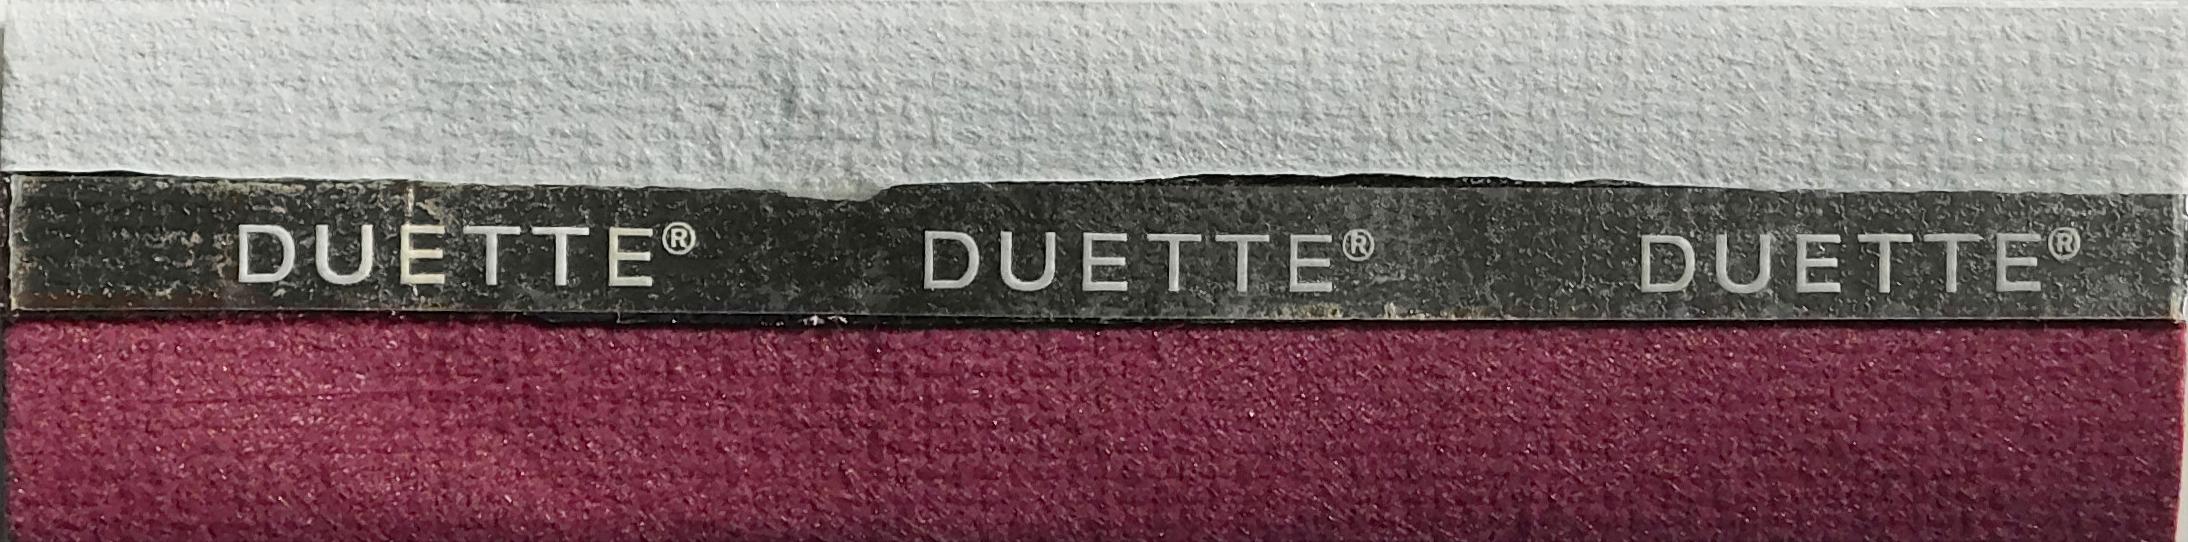 Unix Royal Plume Duette Blackout Fabric